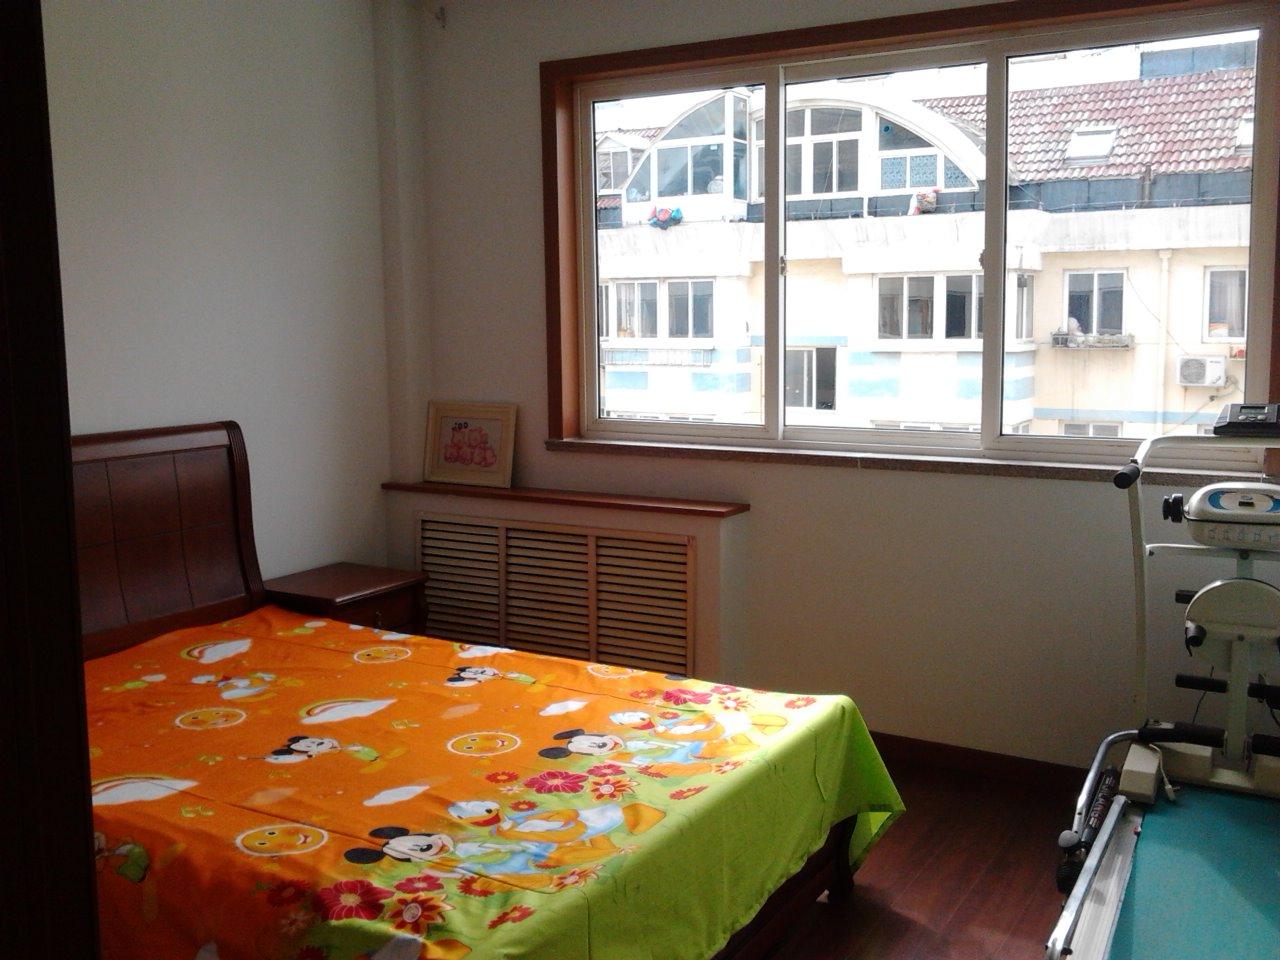 普通卧室图片图片 房间设计图卧室图片,卧室炕床装修图片